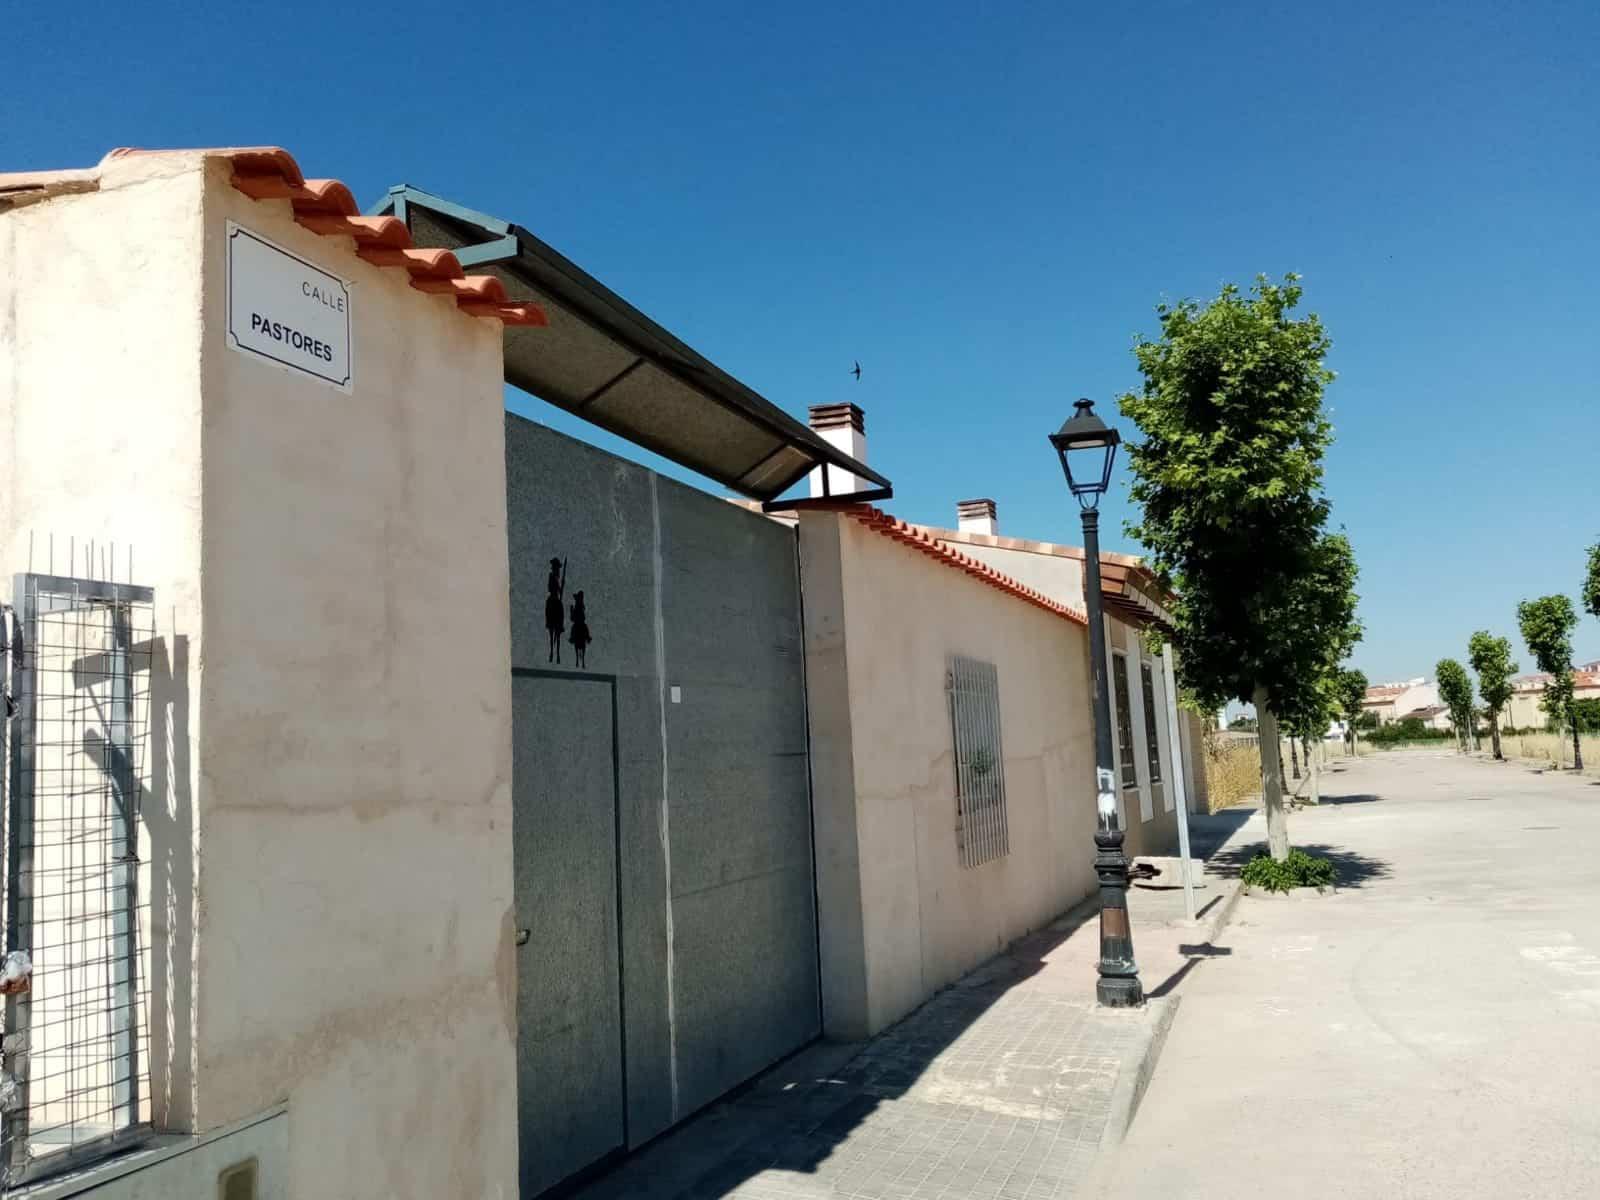 Herencia ya tiene una calle dedicada a la profesión de los pastores 3